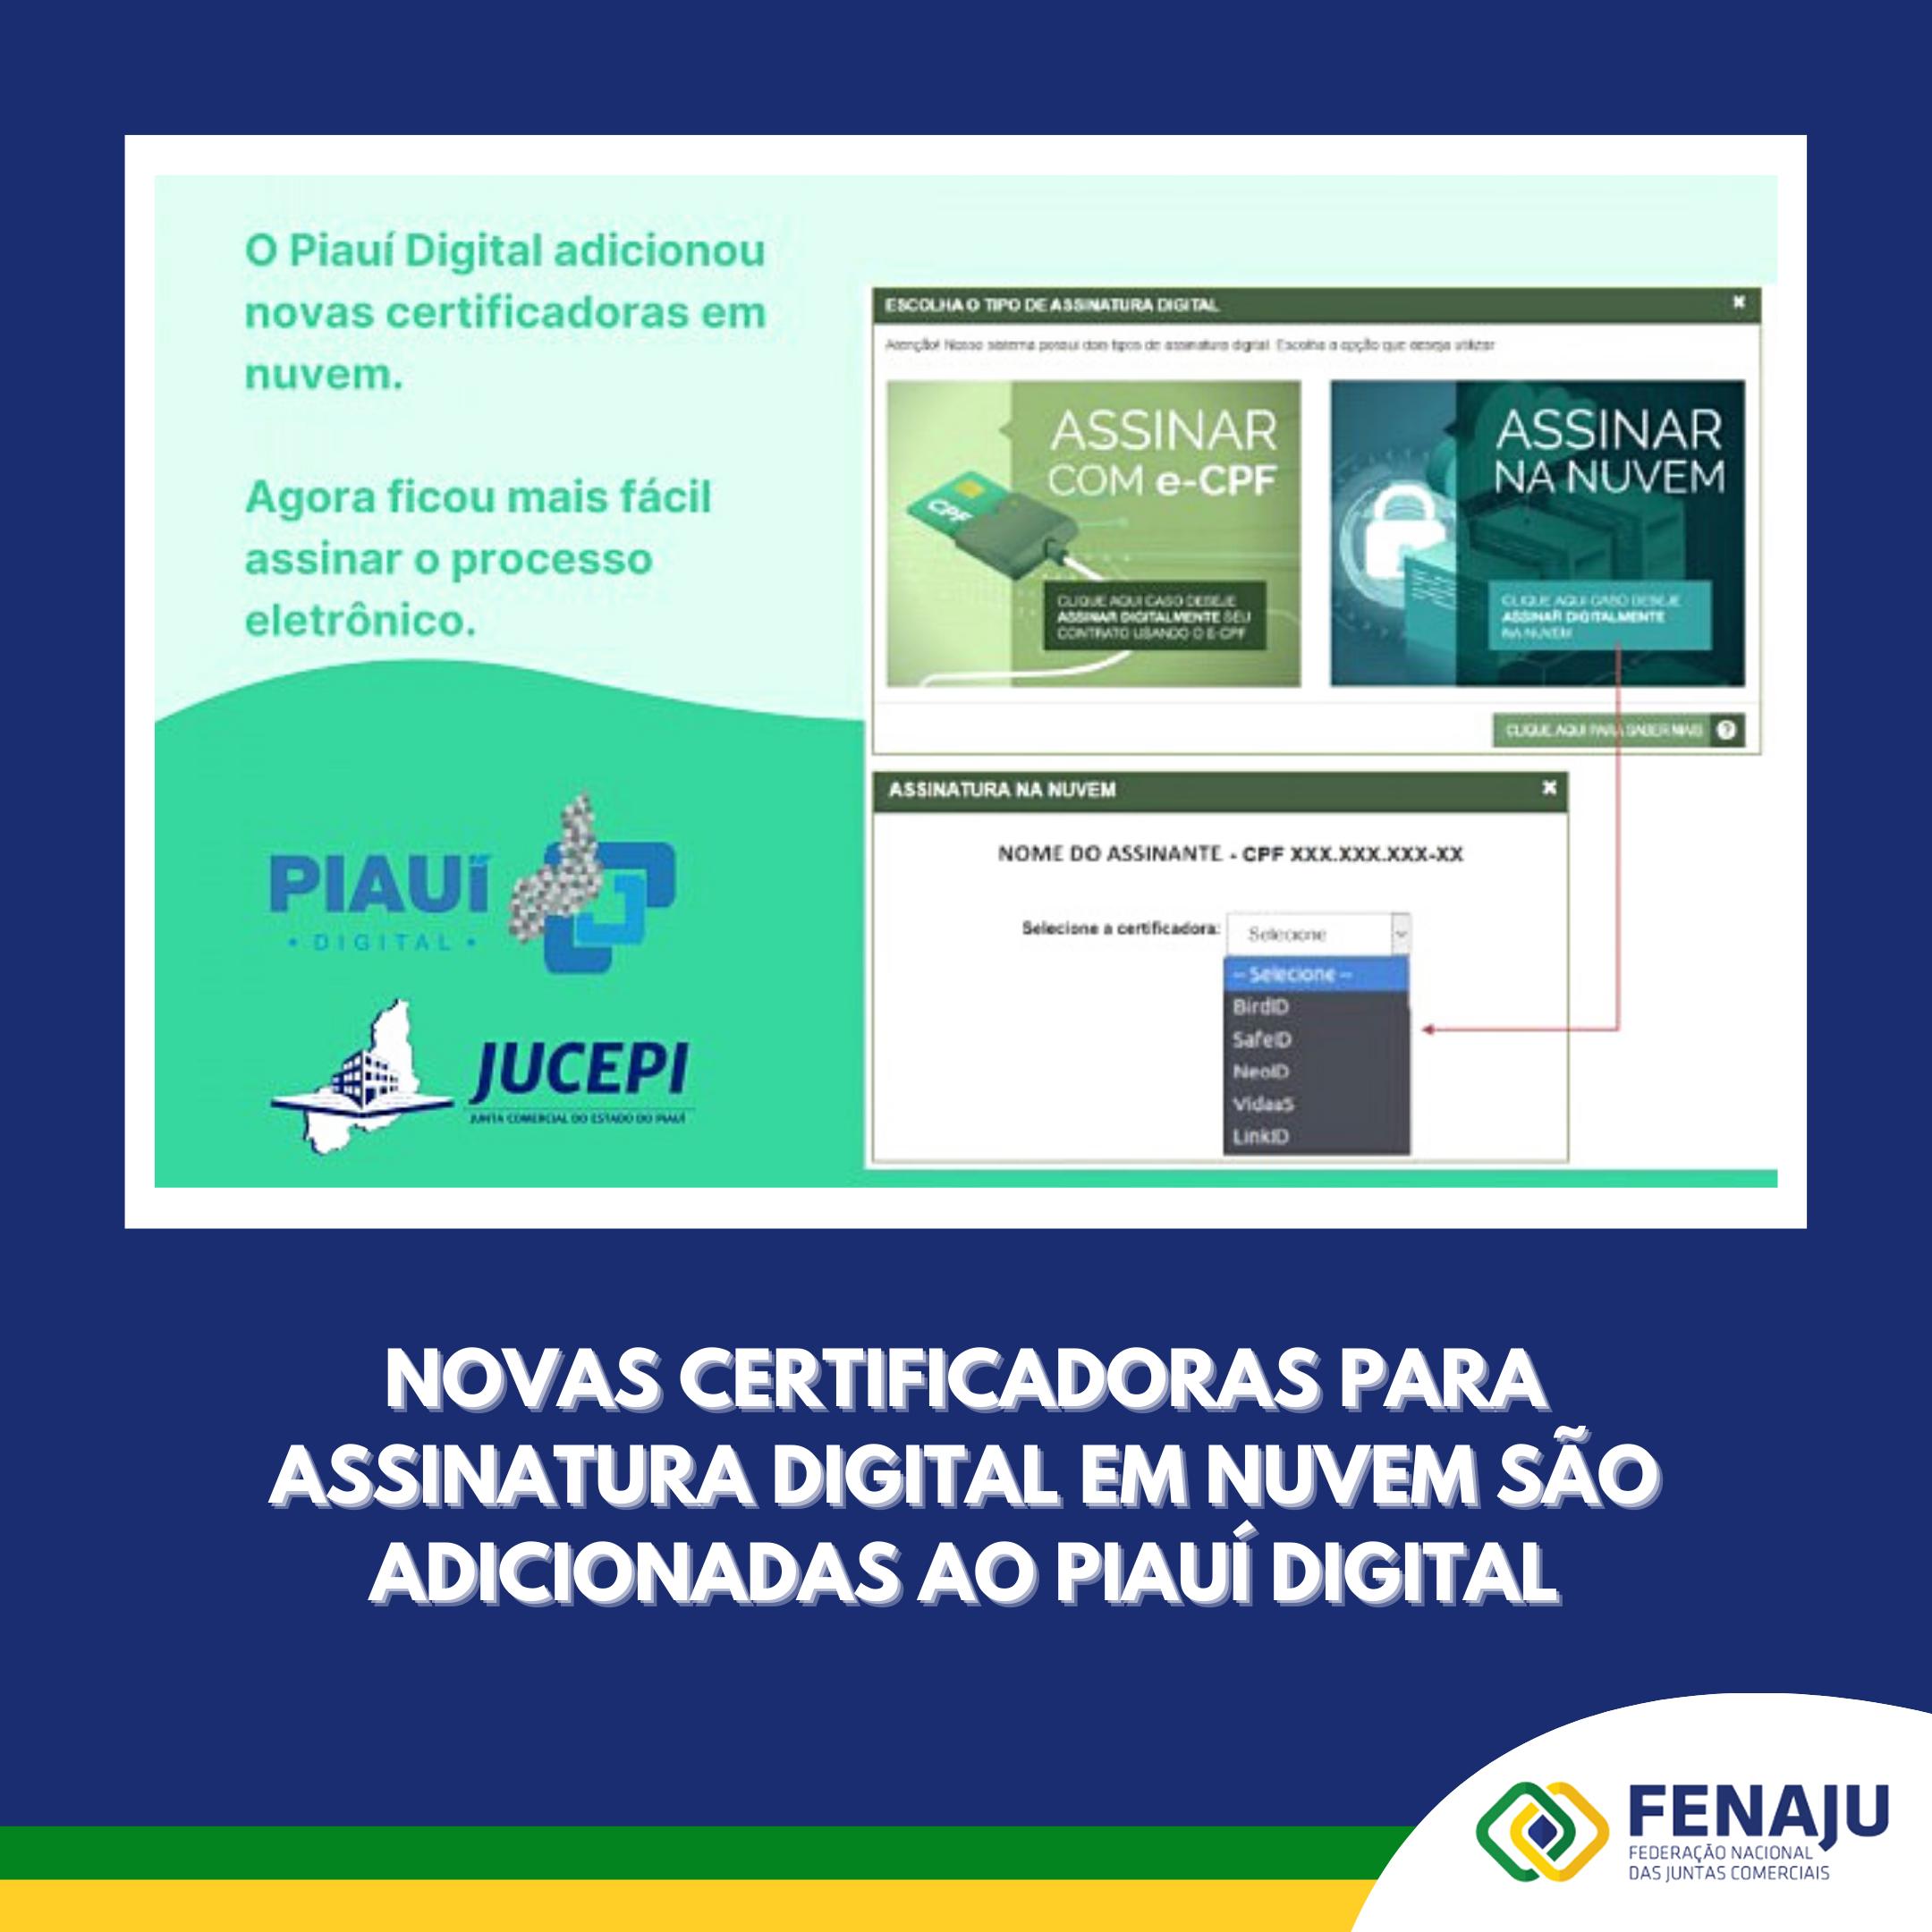 Novas certificadoras para assinatura digital em nuvem são adicionadas ao Piauí Digital